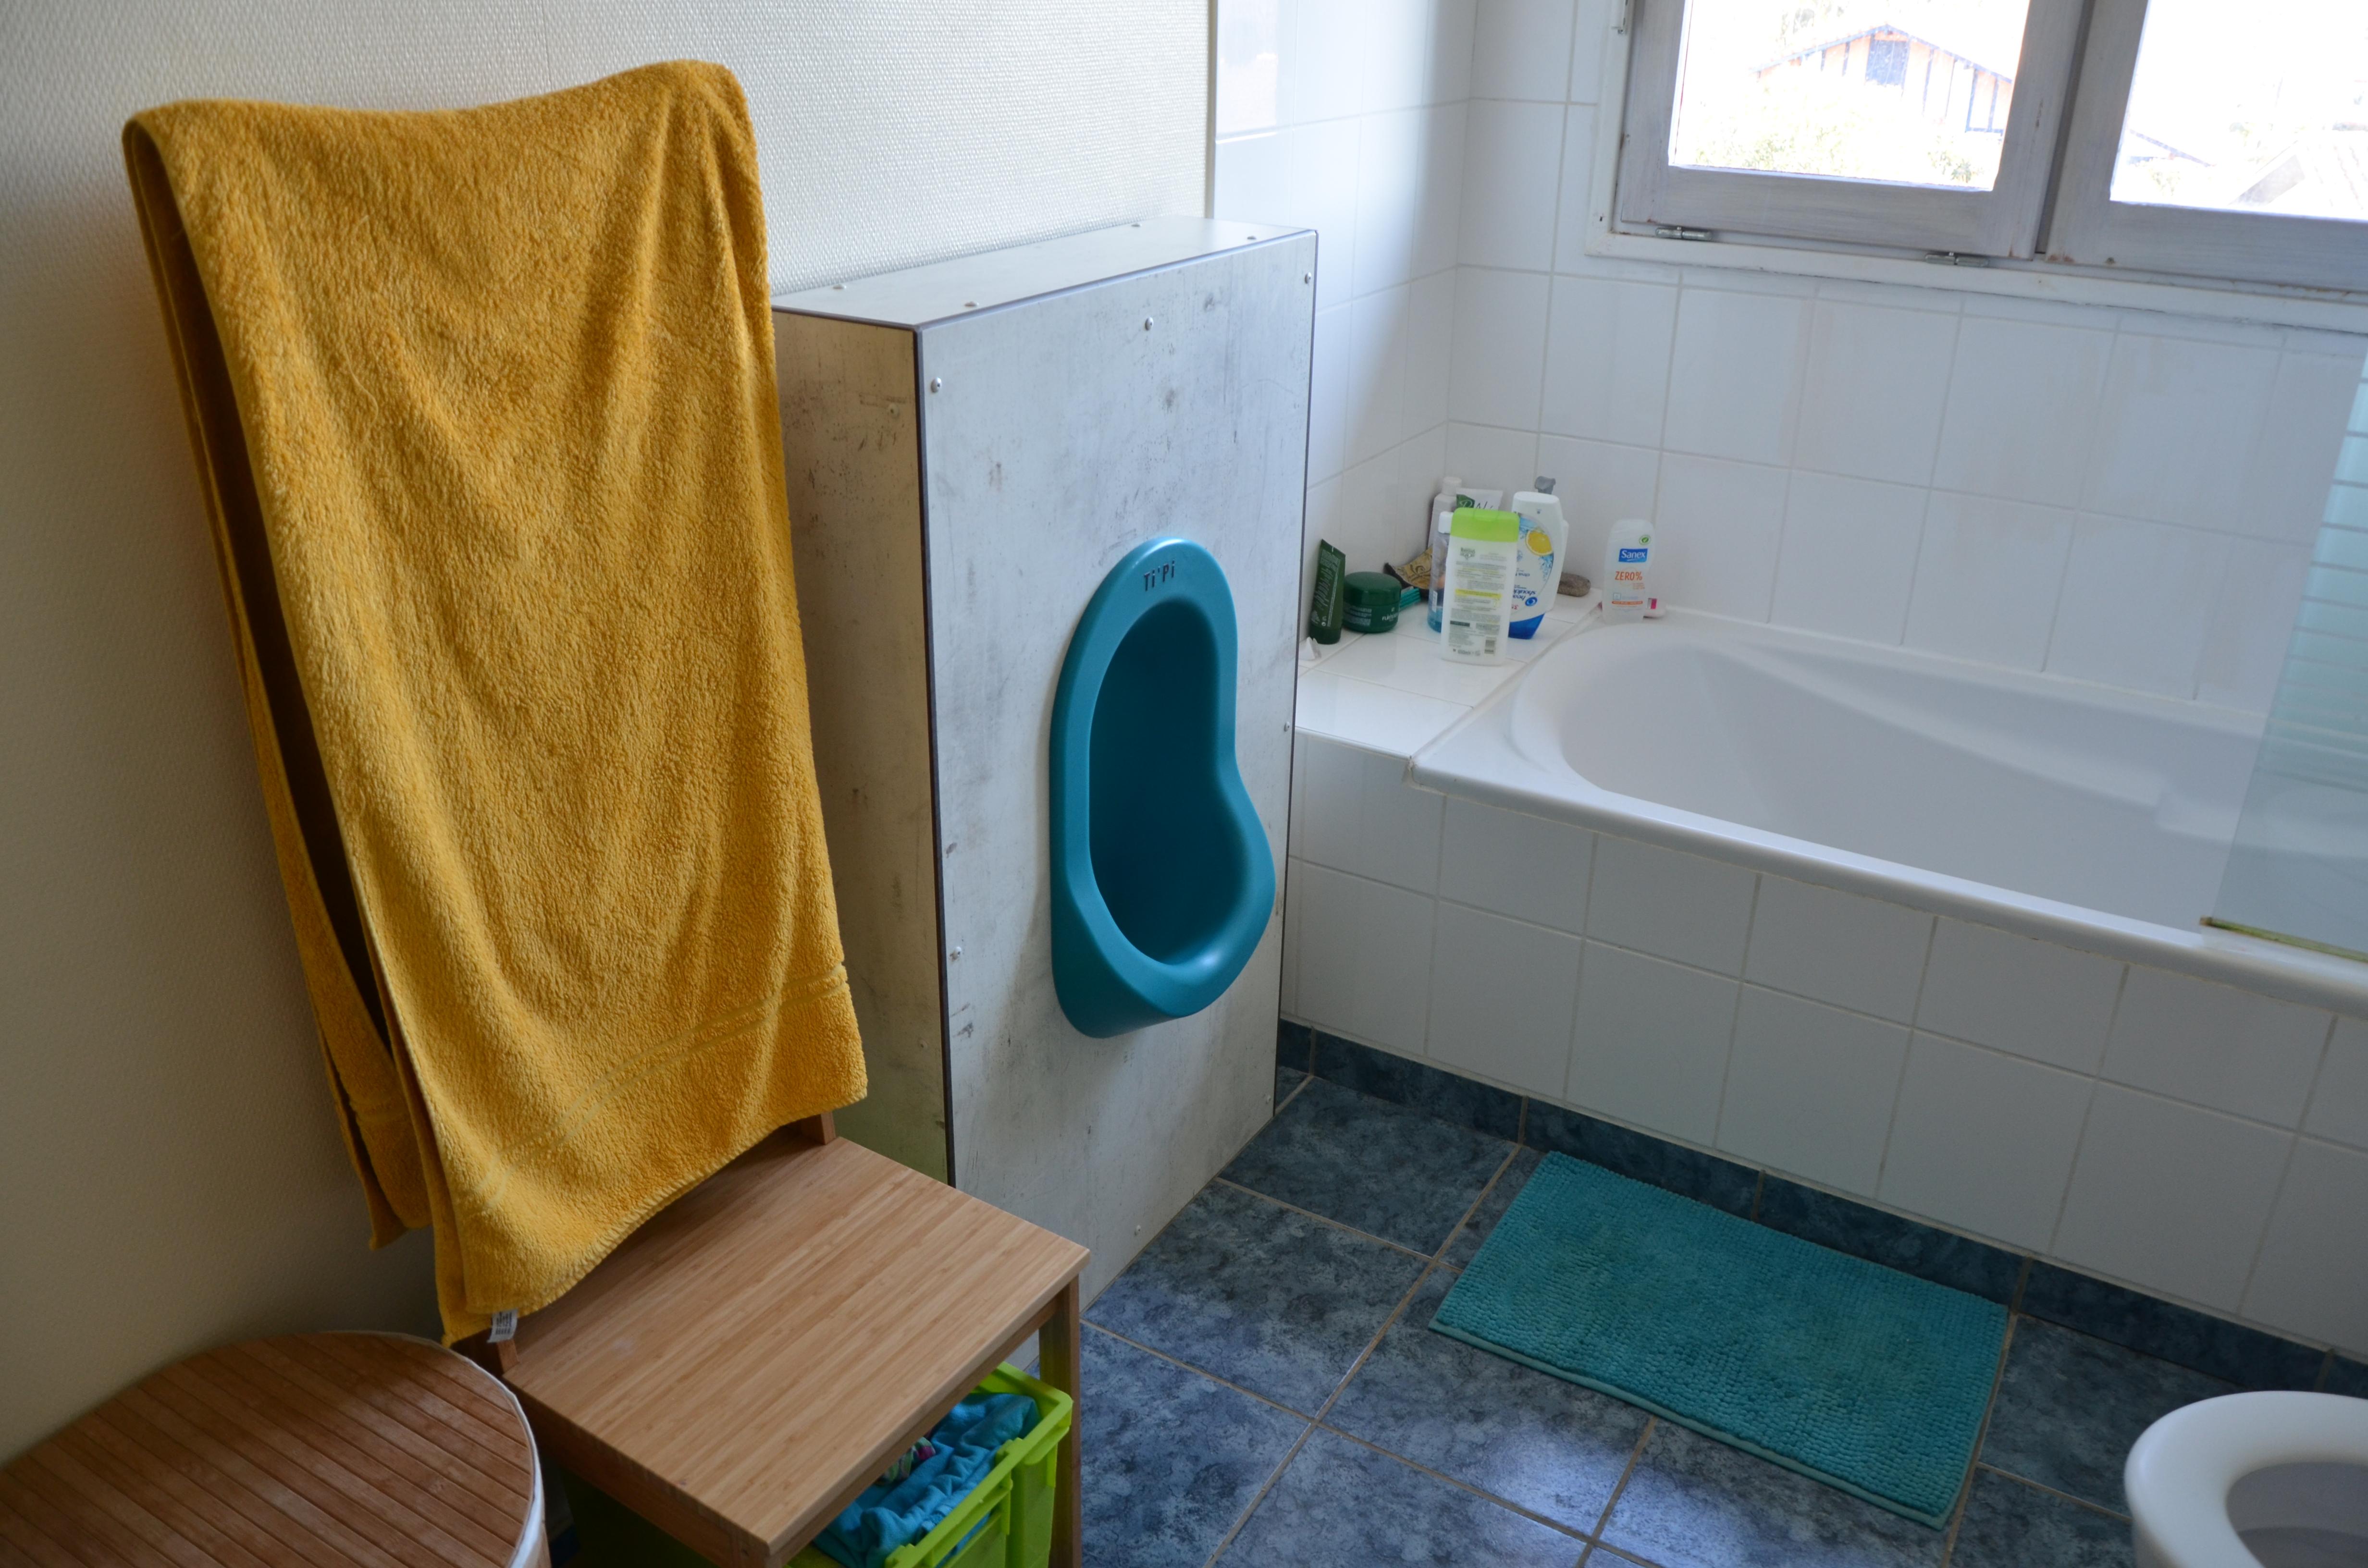 Installer un urinoir sans eau à la maison, un geste économique et écologique.